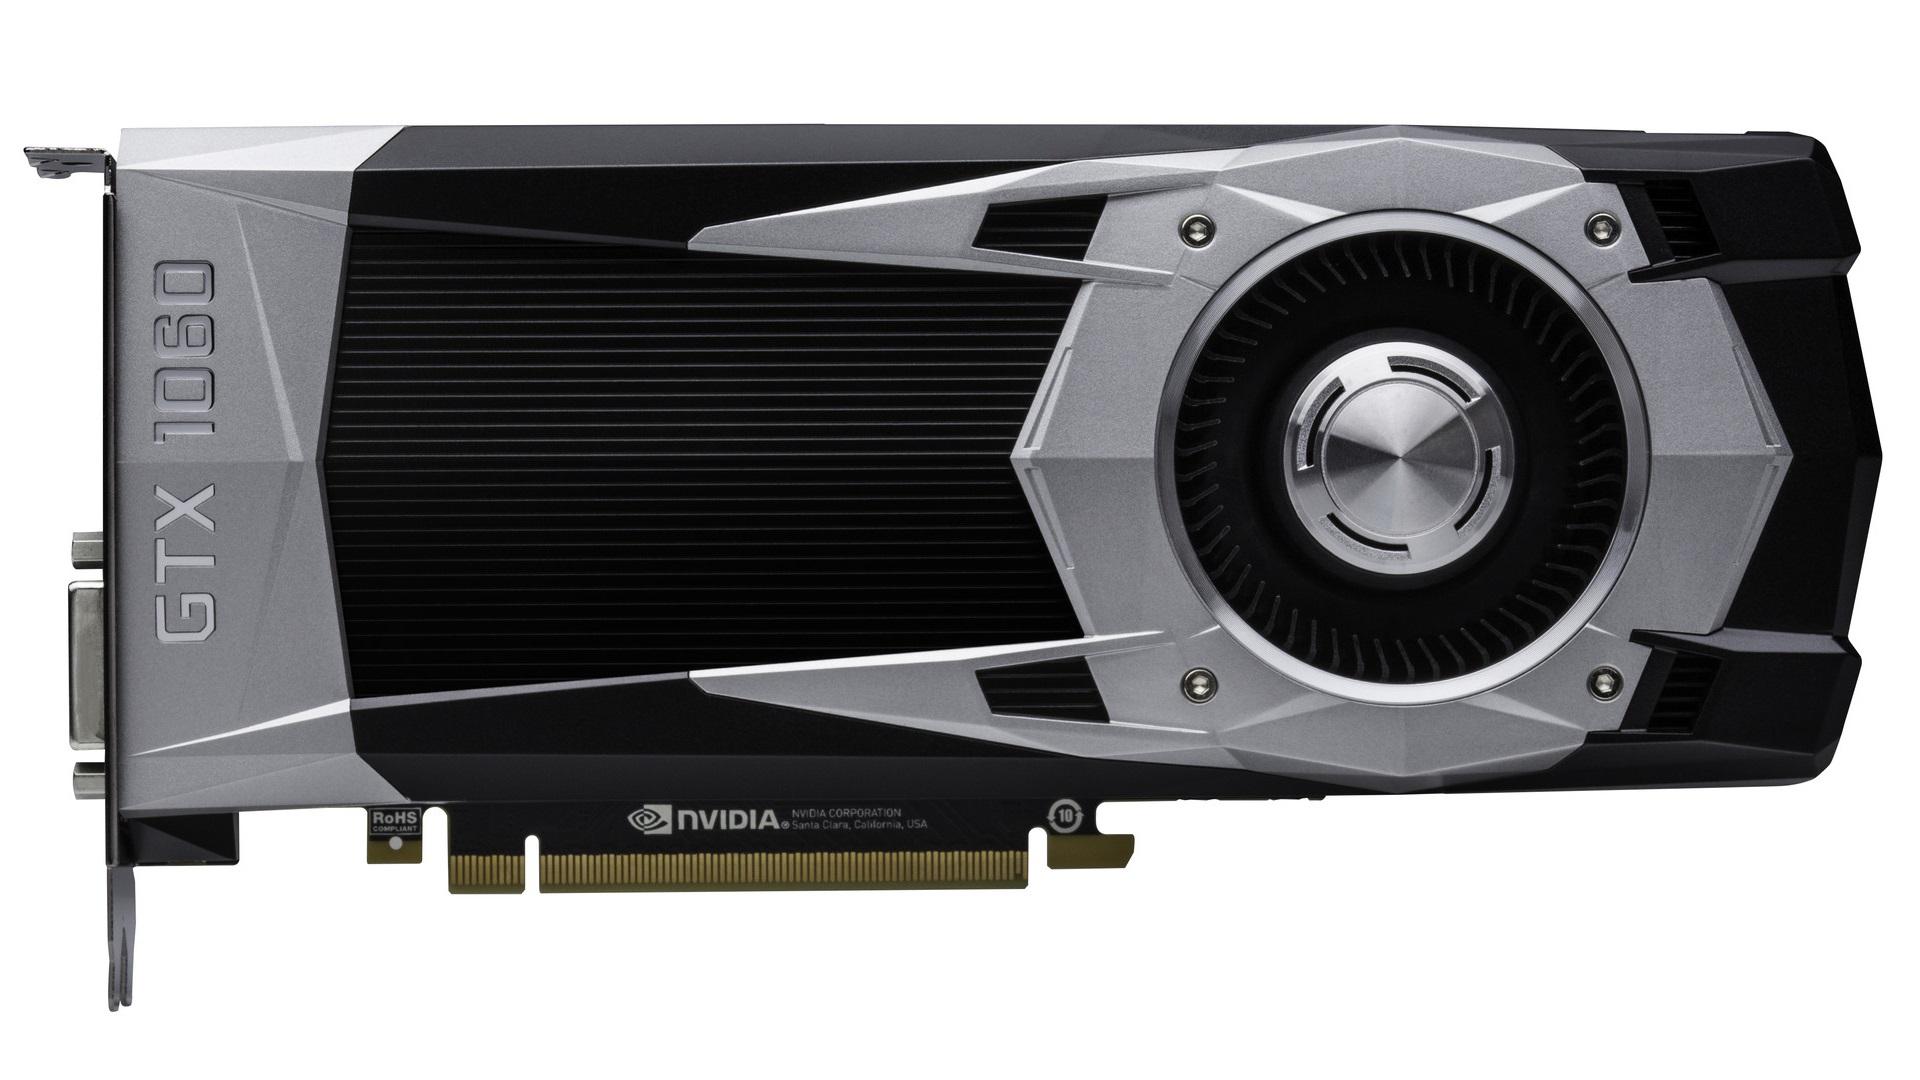 Nvidia GeForce GTX 1060 (Desktop) Review - NotebookCheck net Reviews